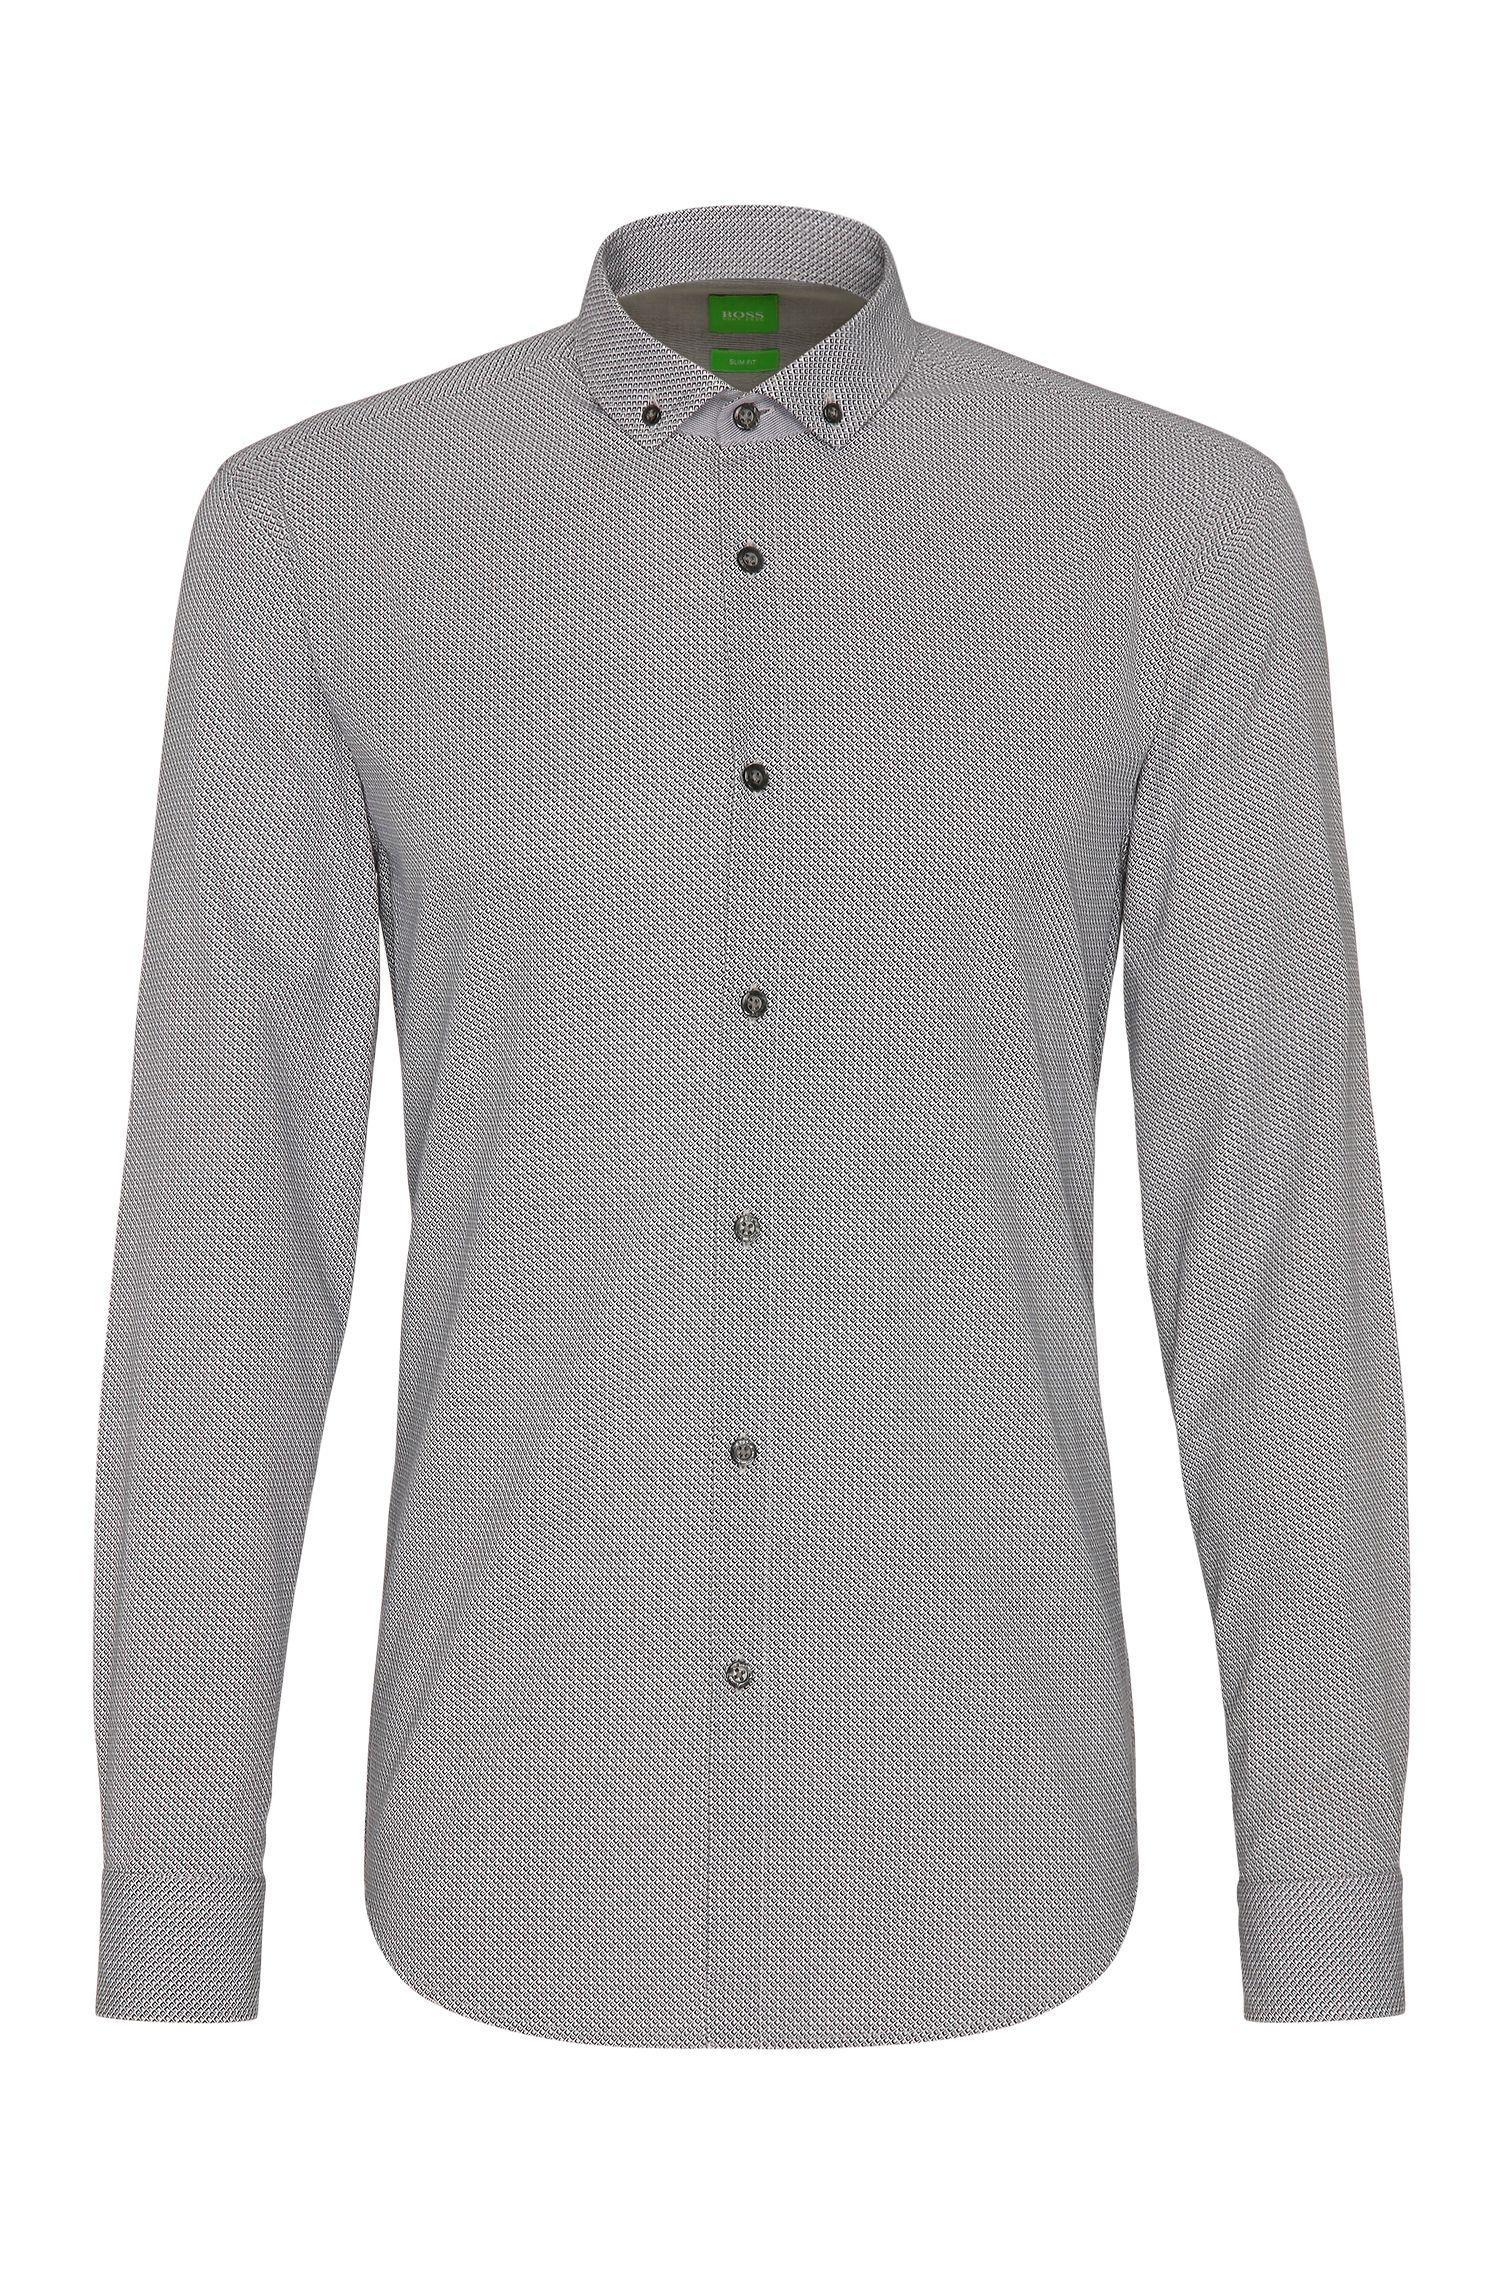 Chemise Slim Fit en coton ornée d'un motif fin: «C-Bilia»